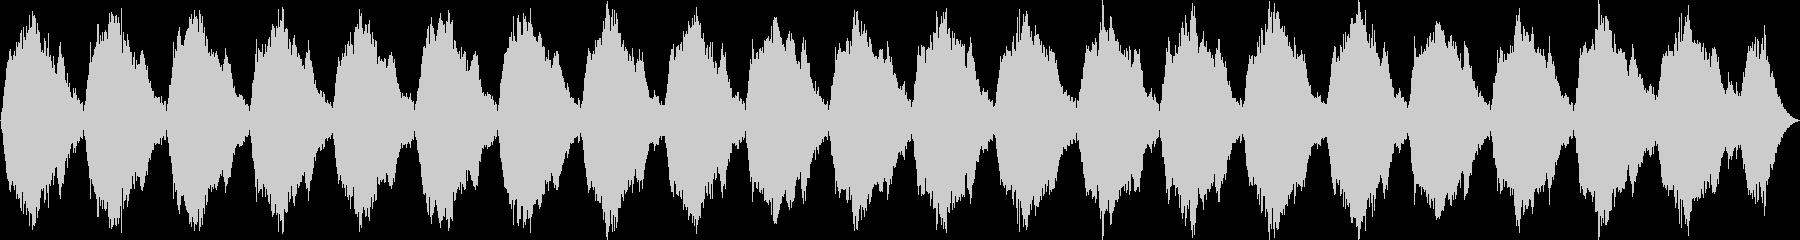 ホラー・緊張感・ナレーション・ドキドキの未再生の波形